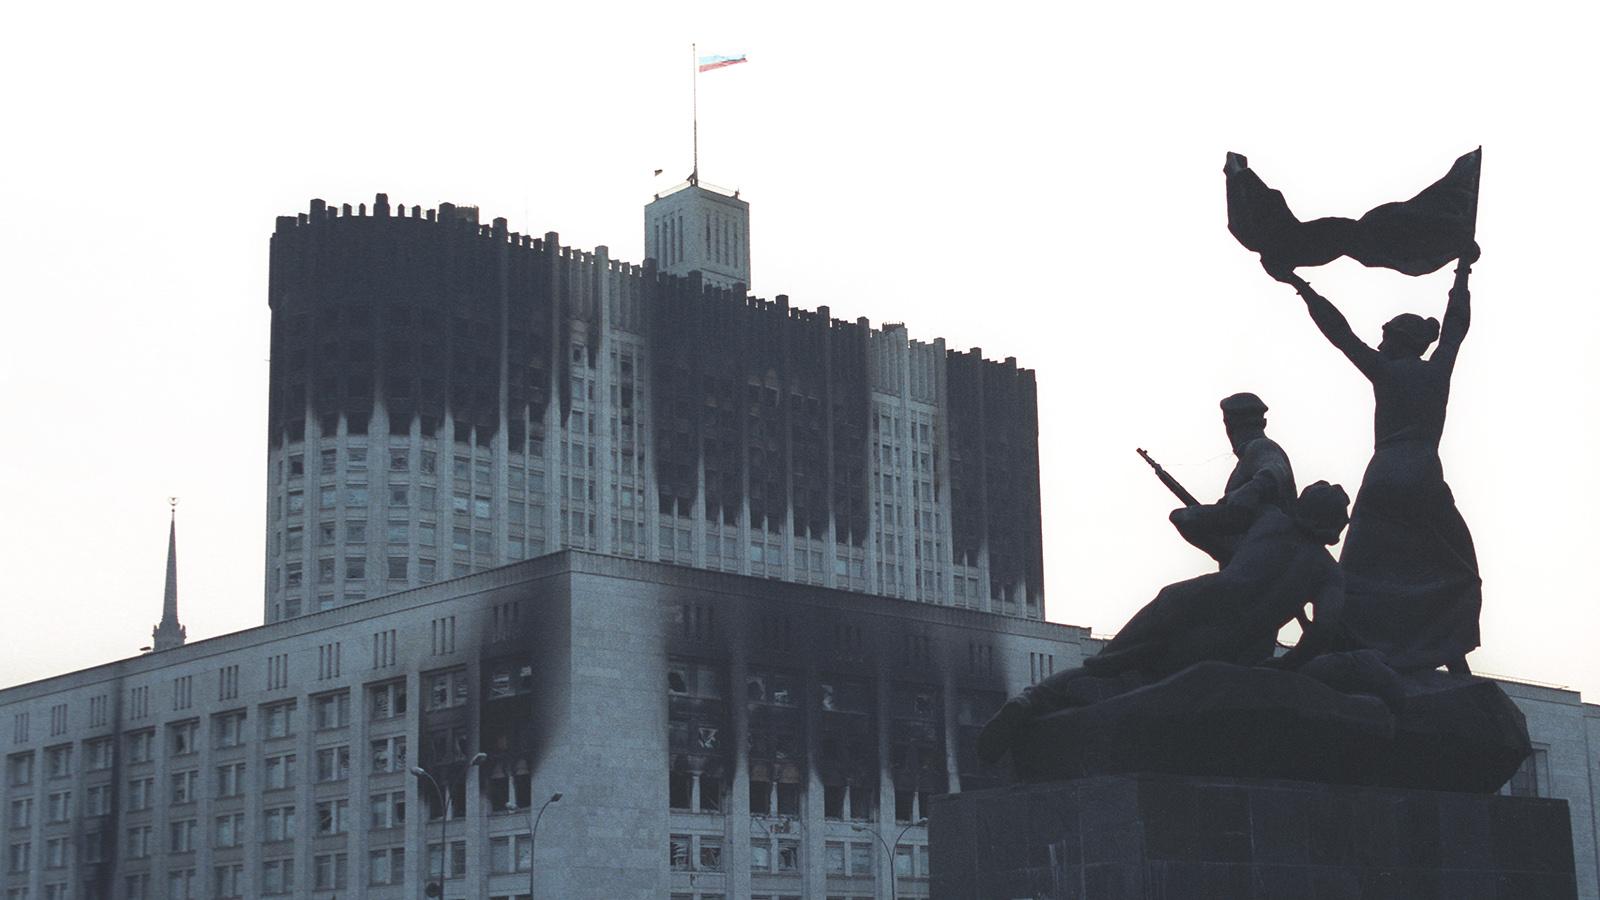 1993 год. Политический кризис. Противостояние президента и парламента